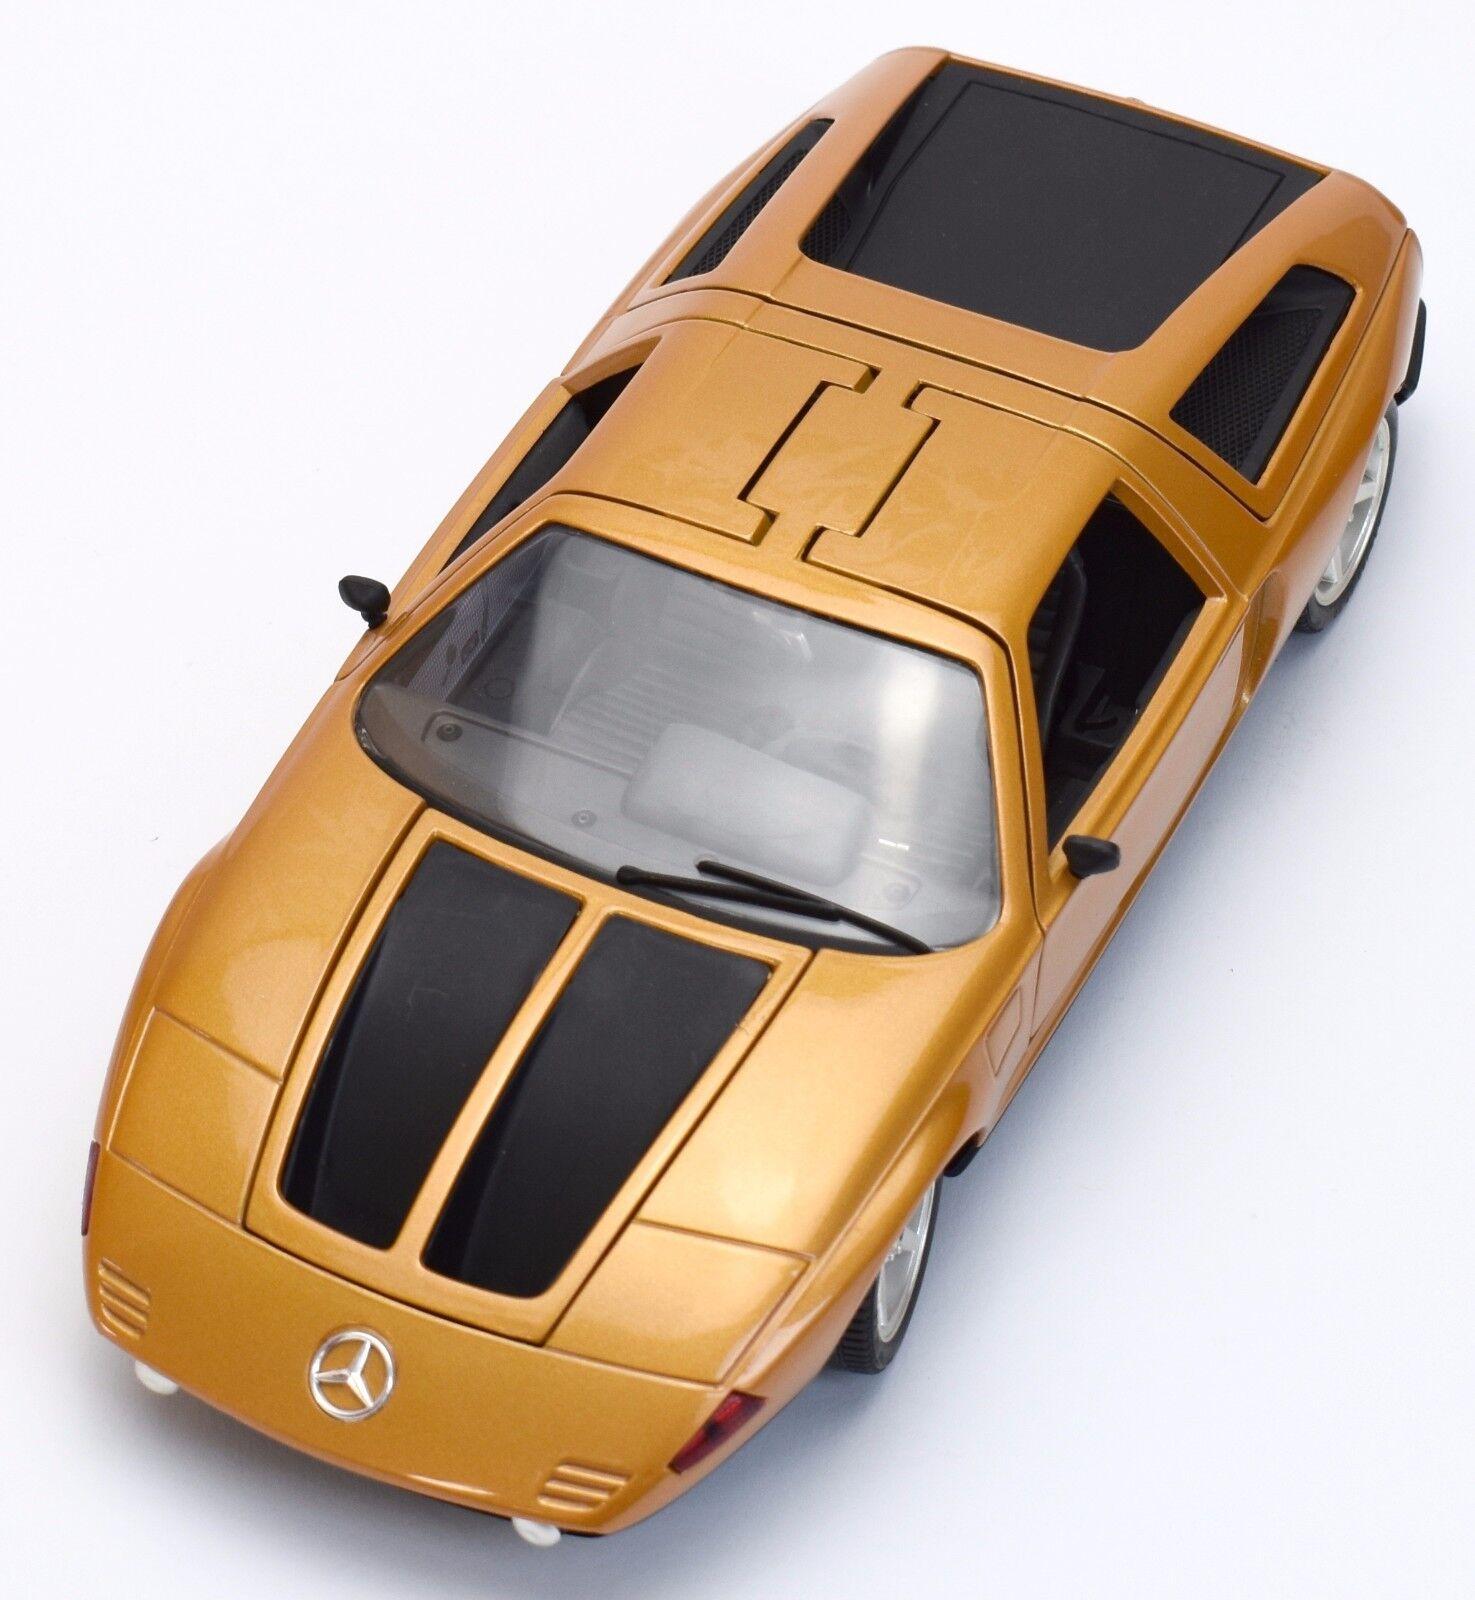 Guiloy 67501 mercedes benz c111 auto deportivo año 1969 en oro, OVP, 1 18, k041